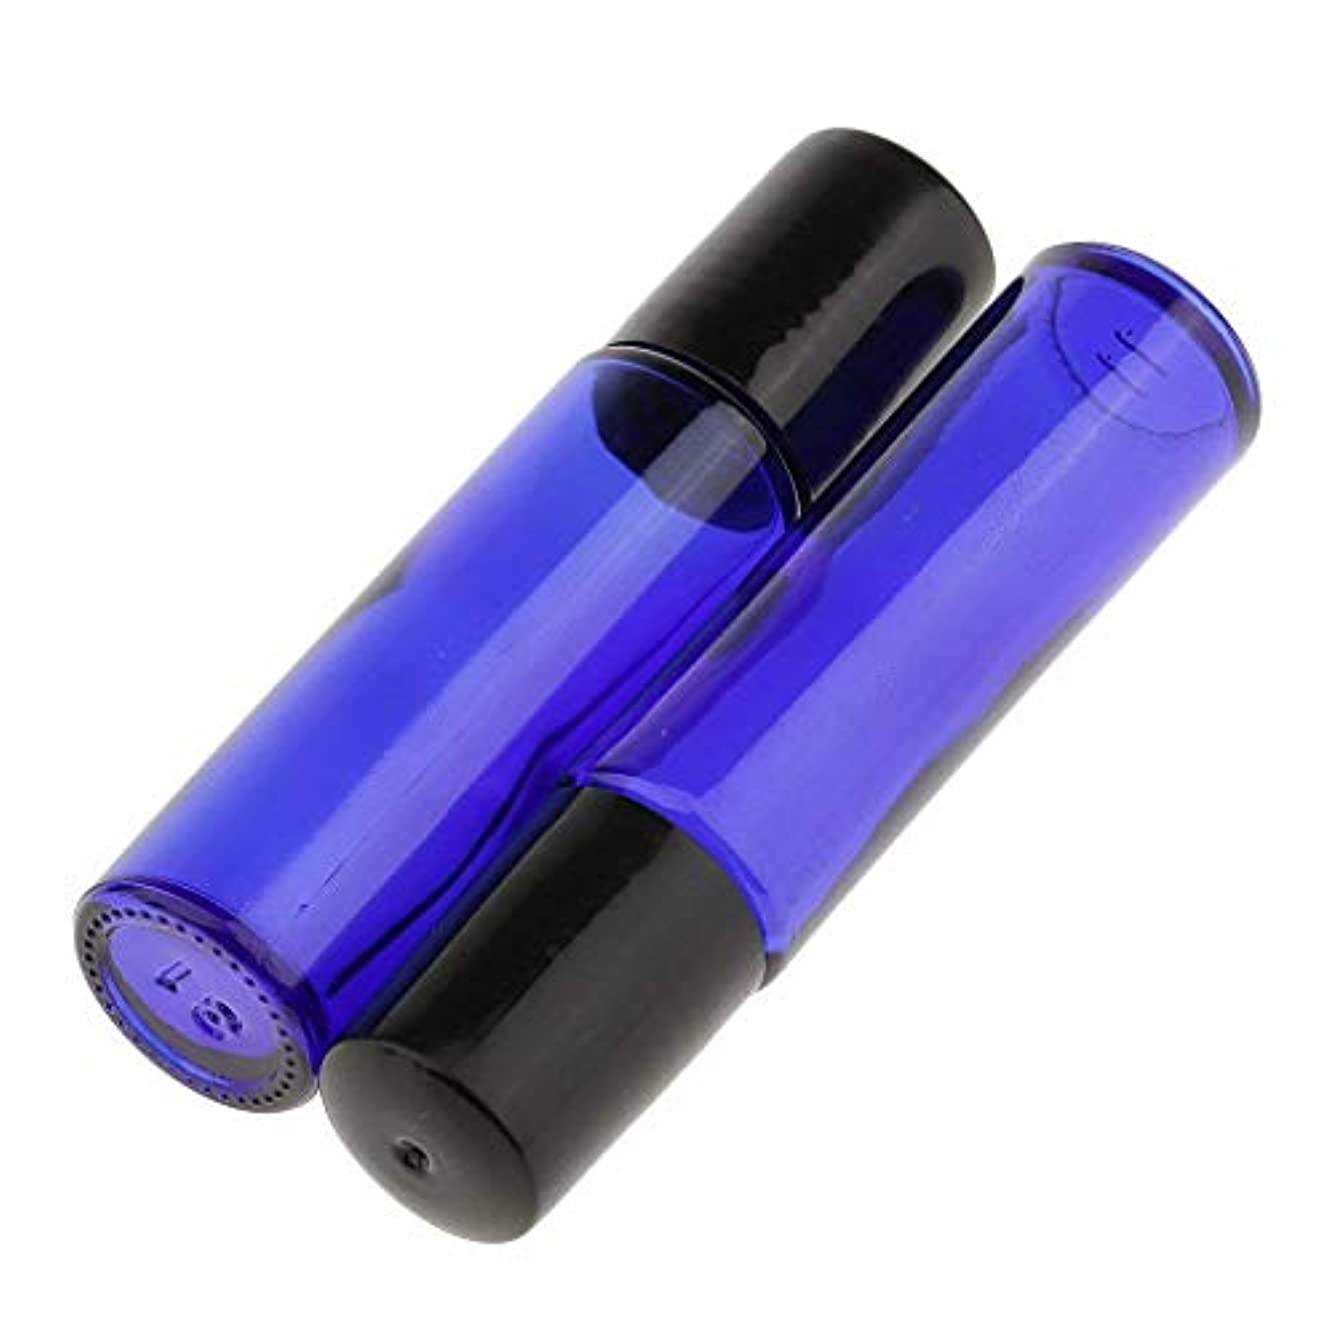 ブラジャーブローホール近代化するロールオンボトル 遮光瓶 ガラスロールタイプ 2 本セット